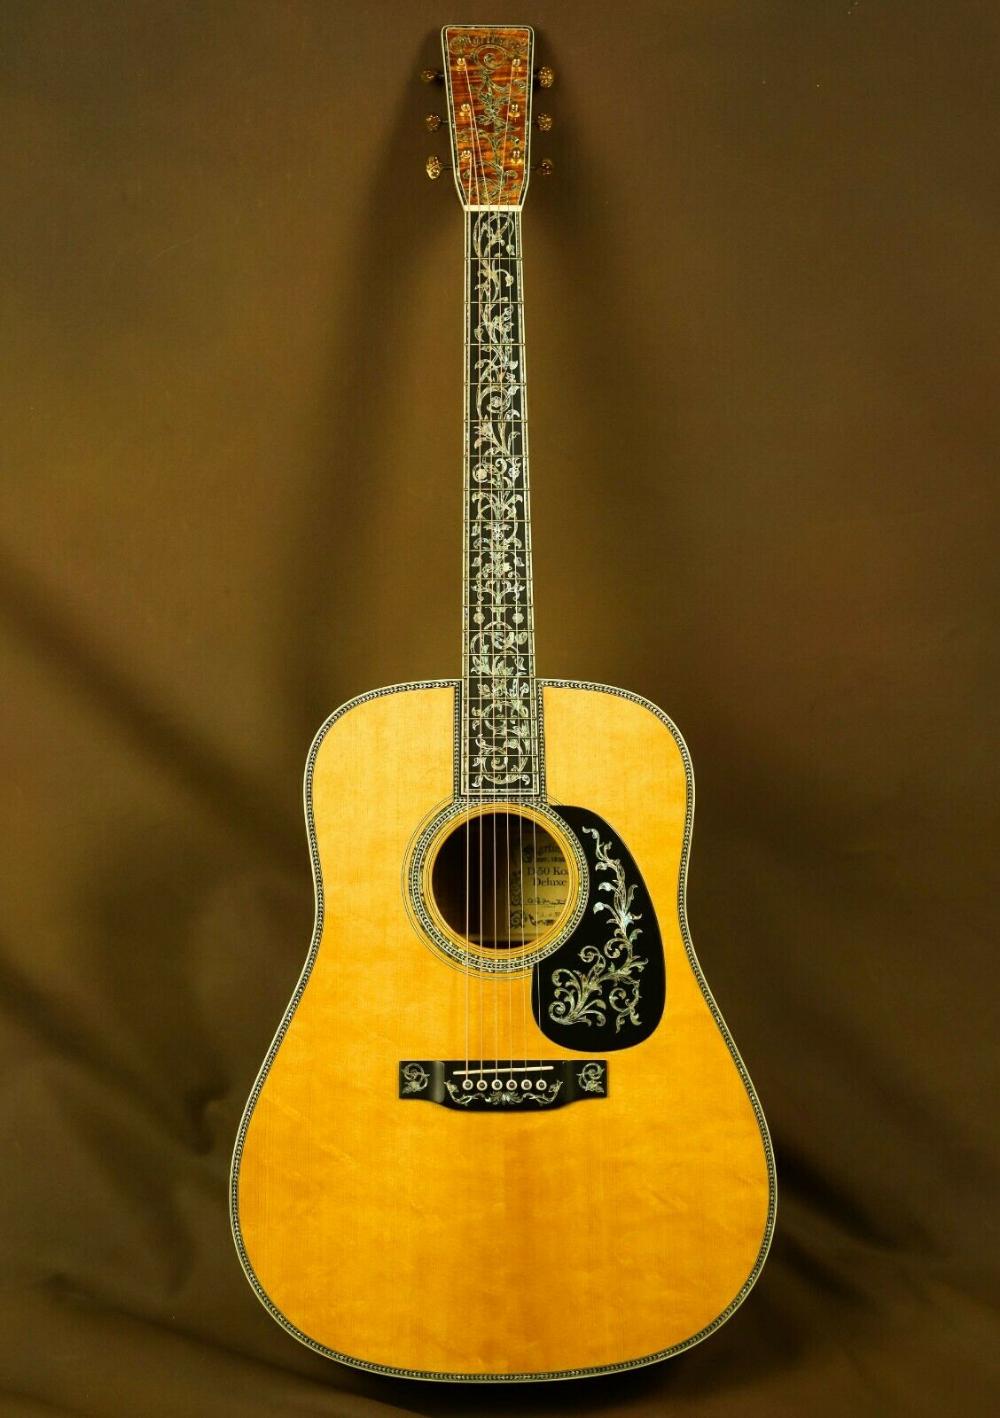 Martin D 50 Serial Number 1 Deluxe Koa Custom Acoustic Guitar Ebay Custom Acoustic Guitars Acoustic Guitar For Sale Acoustic Guitar